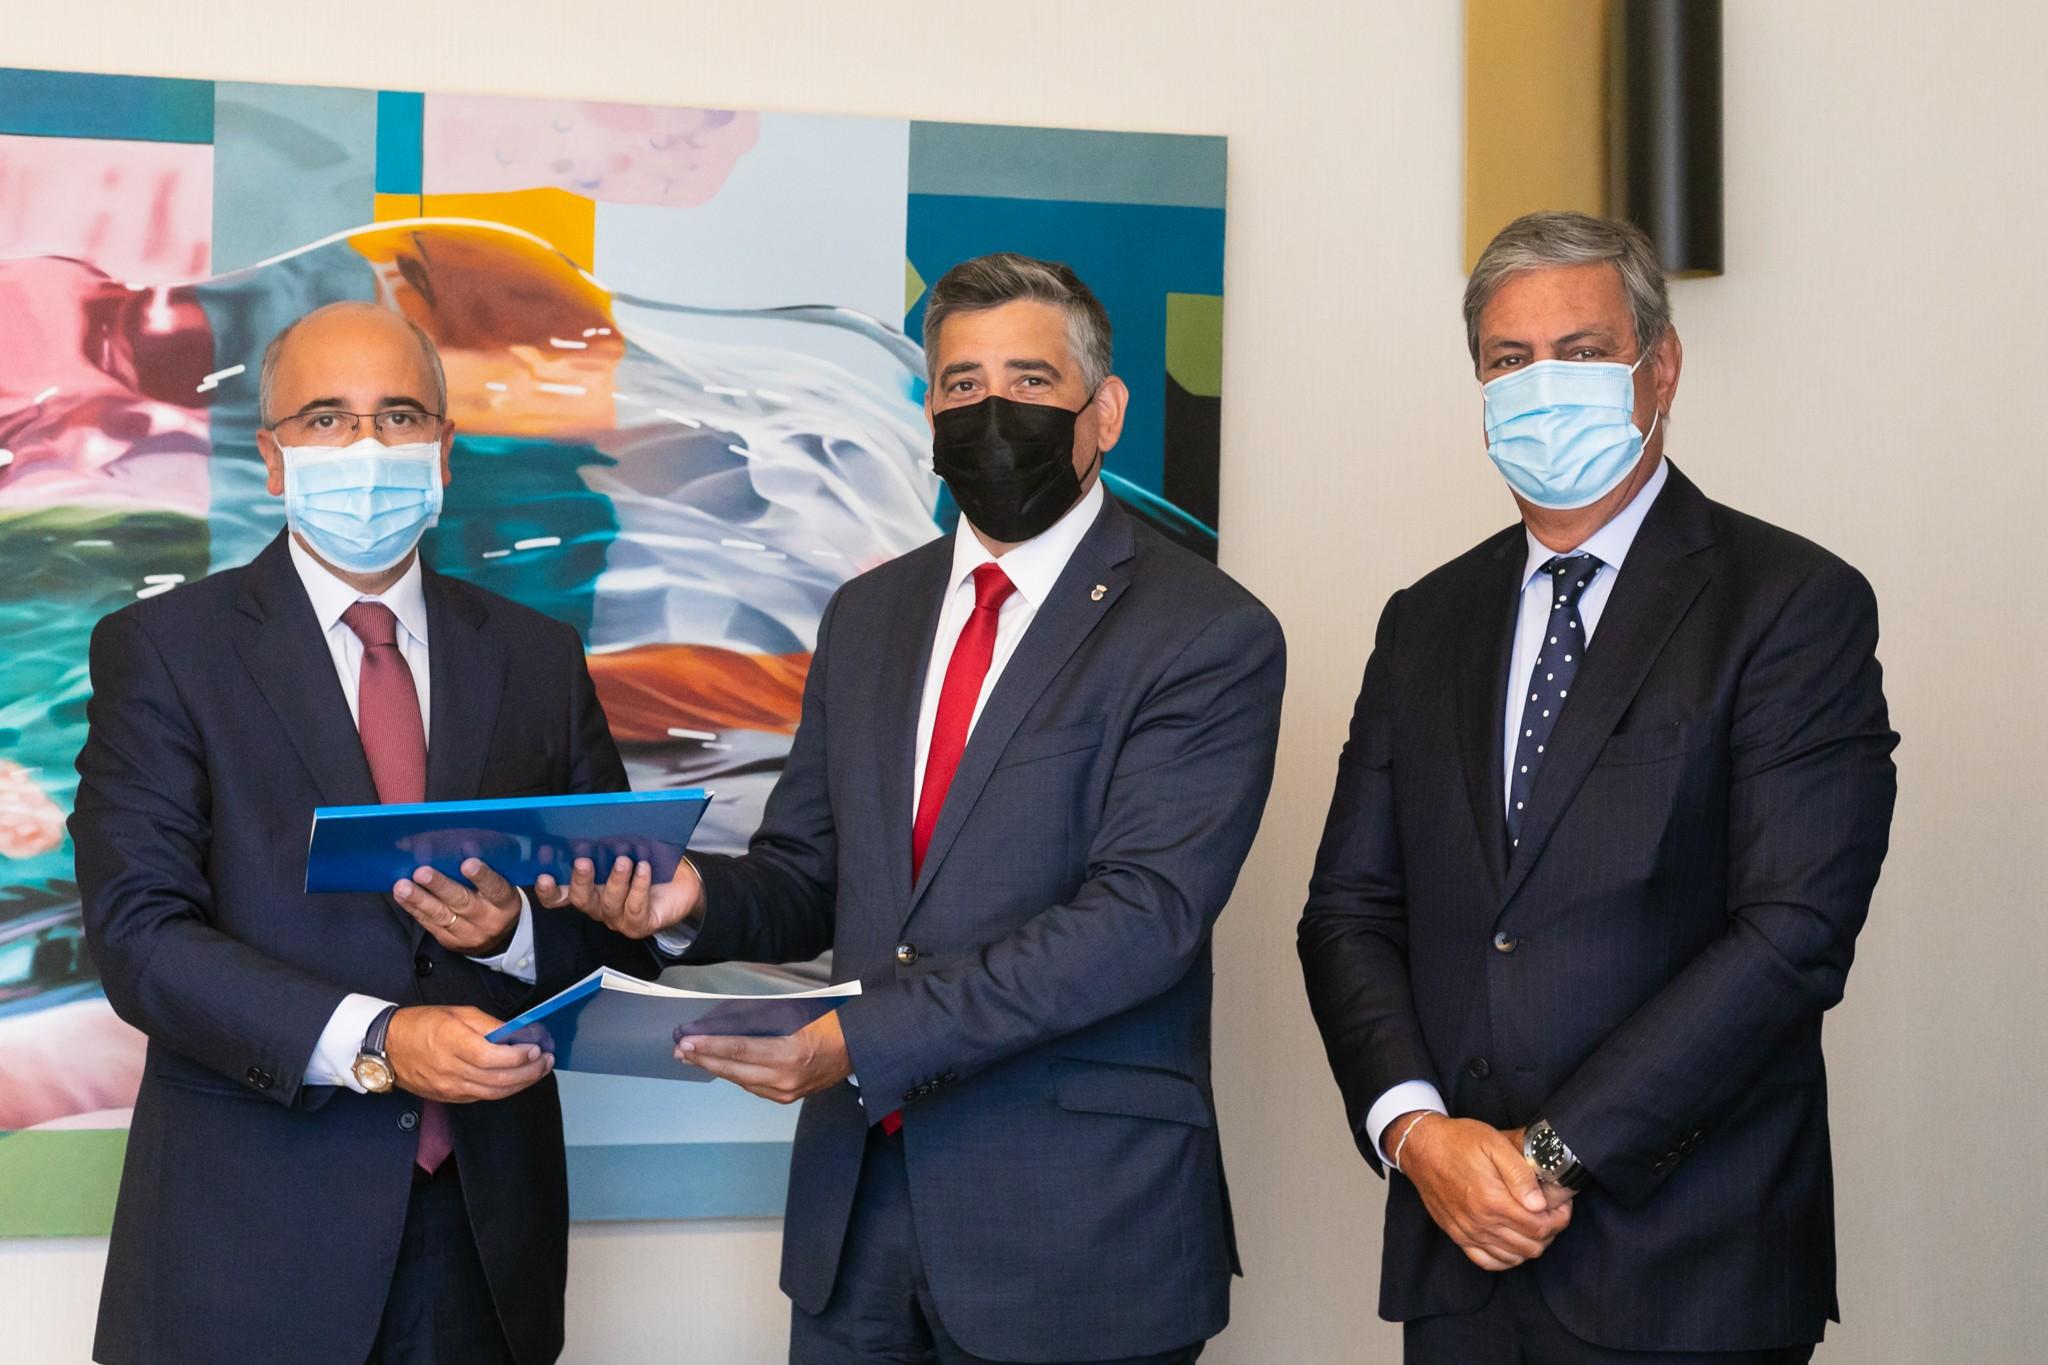 Município e AEP assinam protocolo para apoio à internacionalização das empresas de Santo Tirso